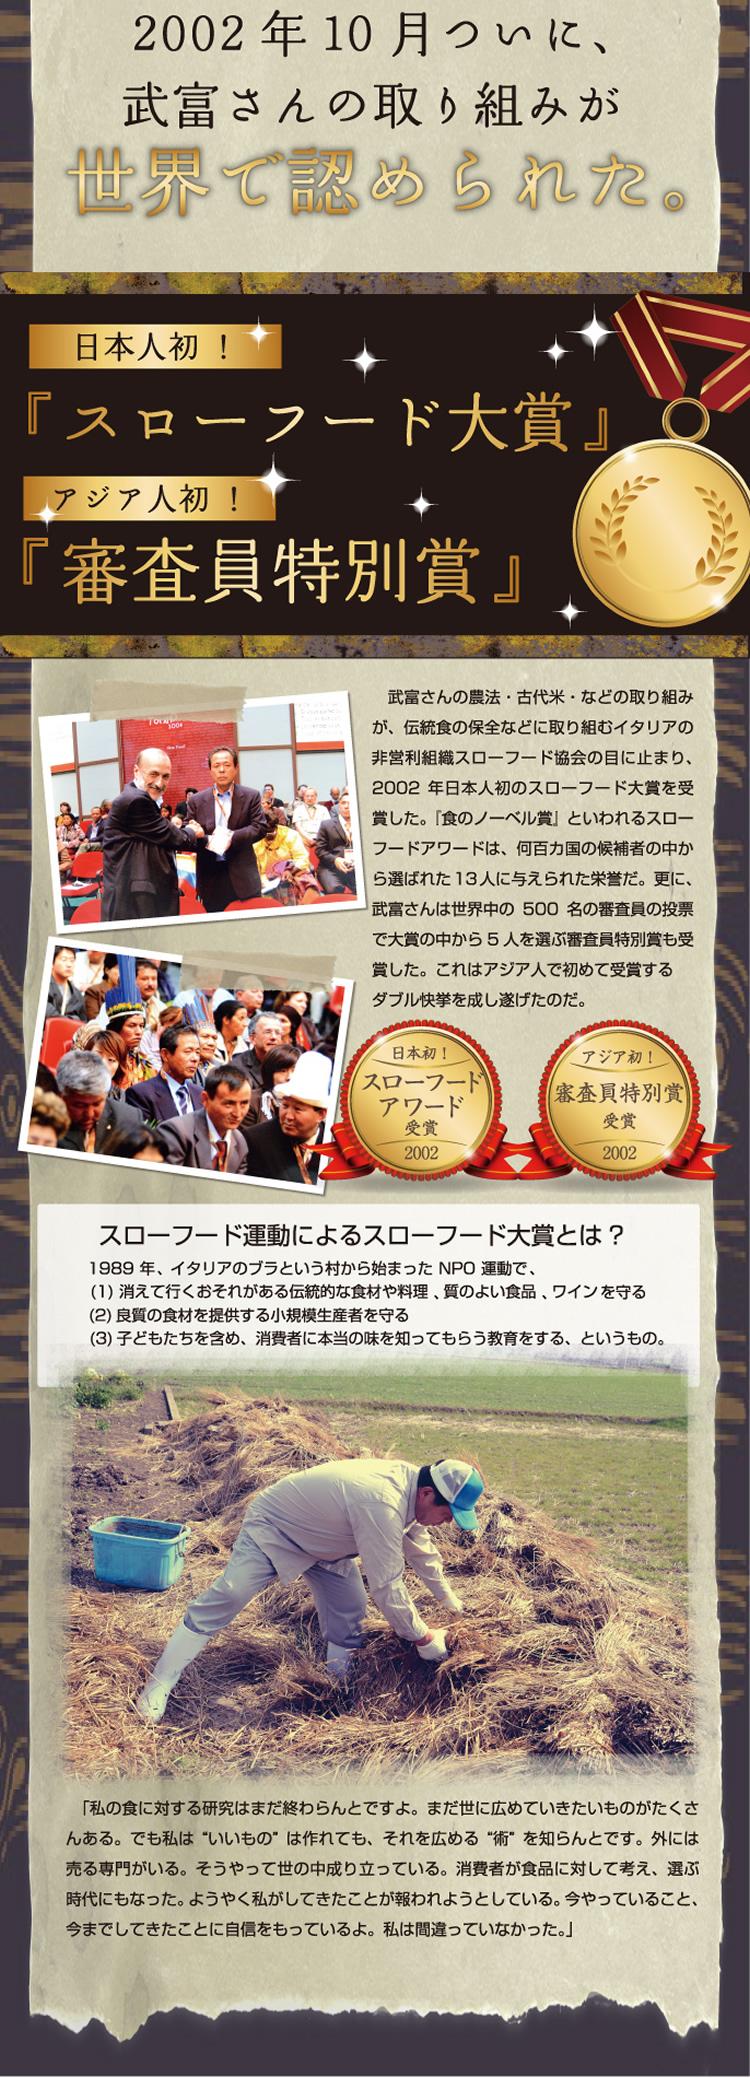 2002年10月ついに武富さんの取り組みが世界で認められた。